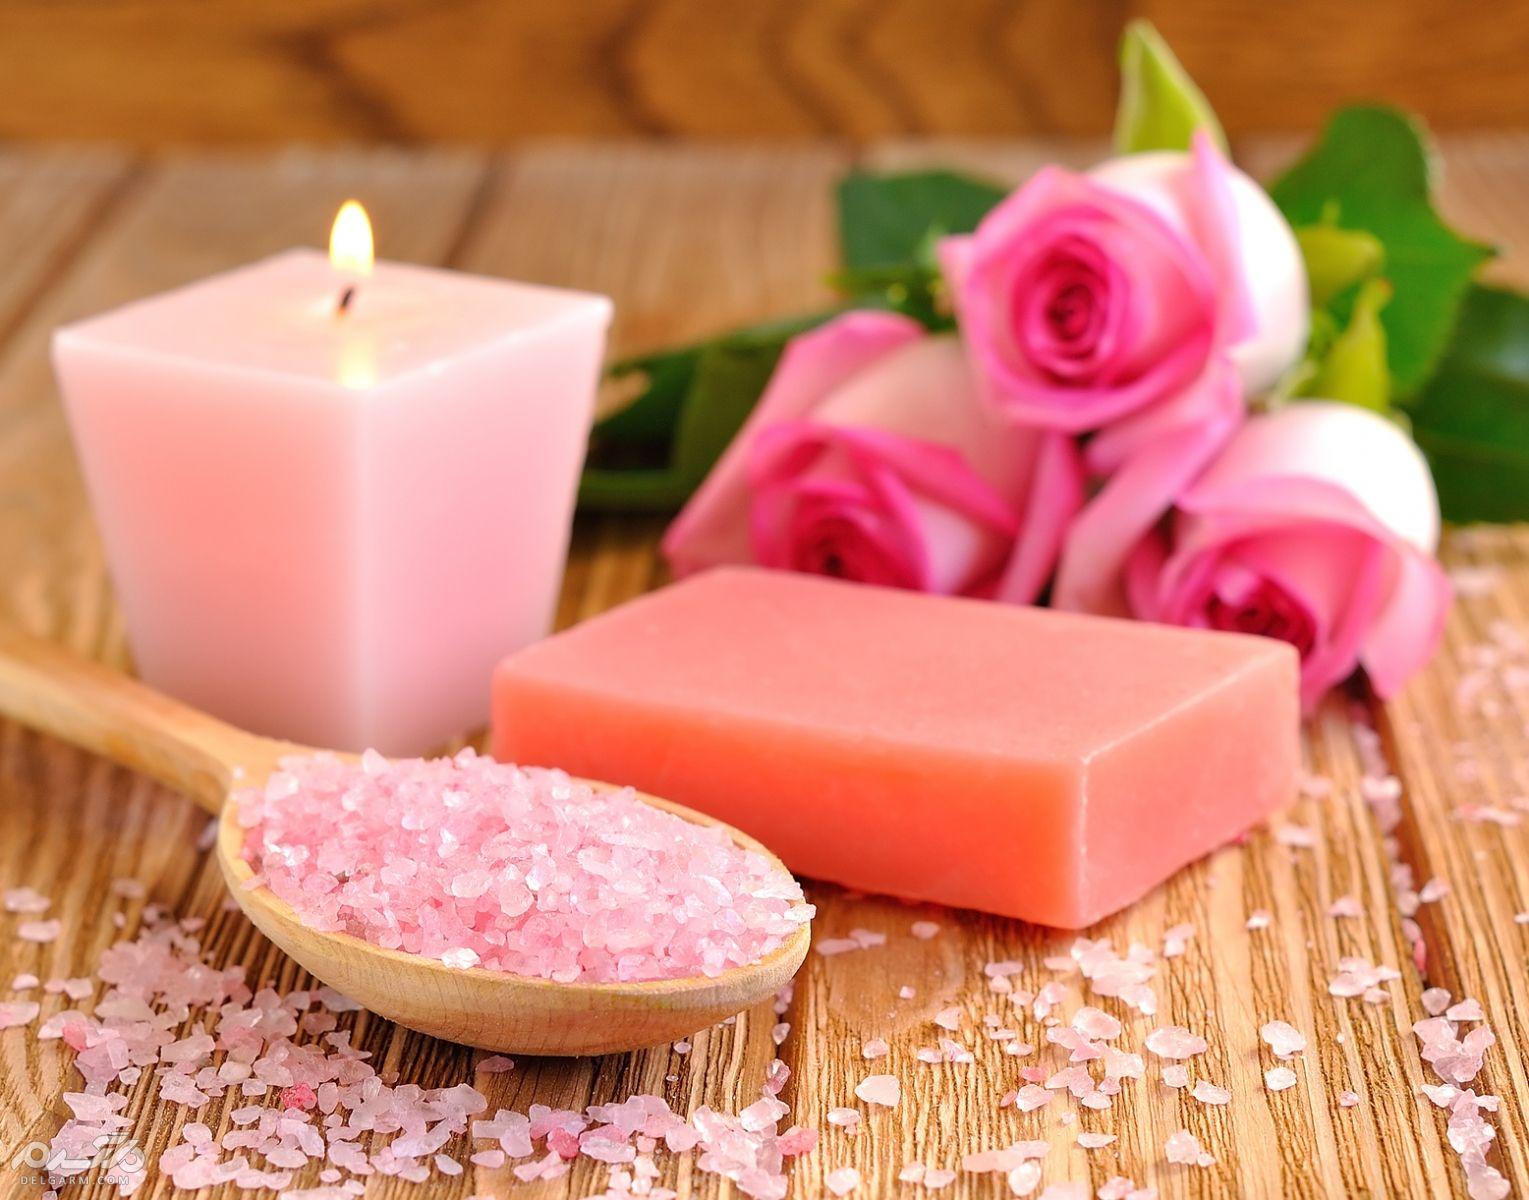 صابون گل رز برای درمان آکنه و کنترل چربی پوست